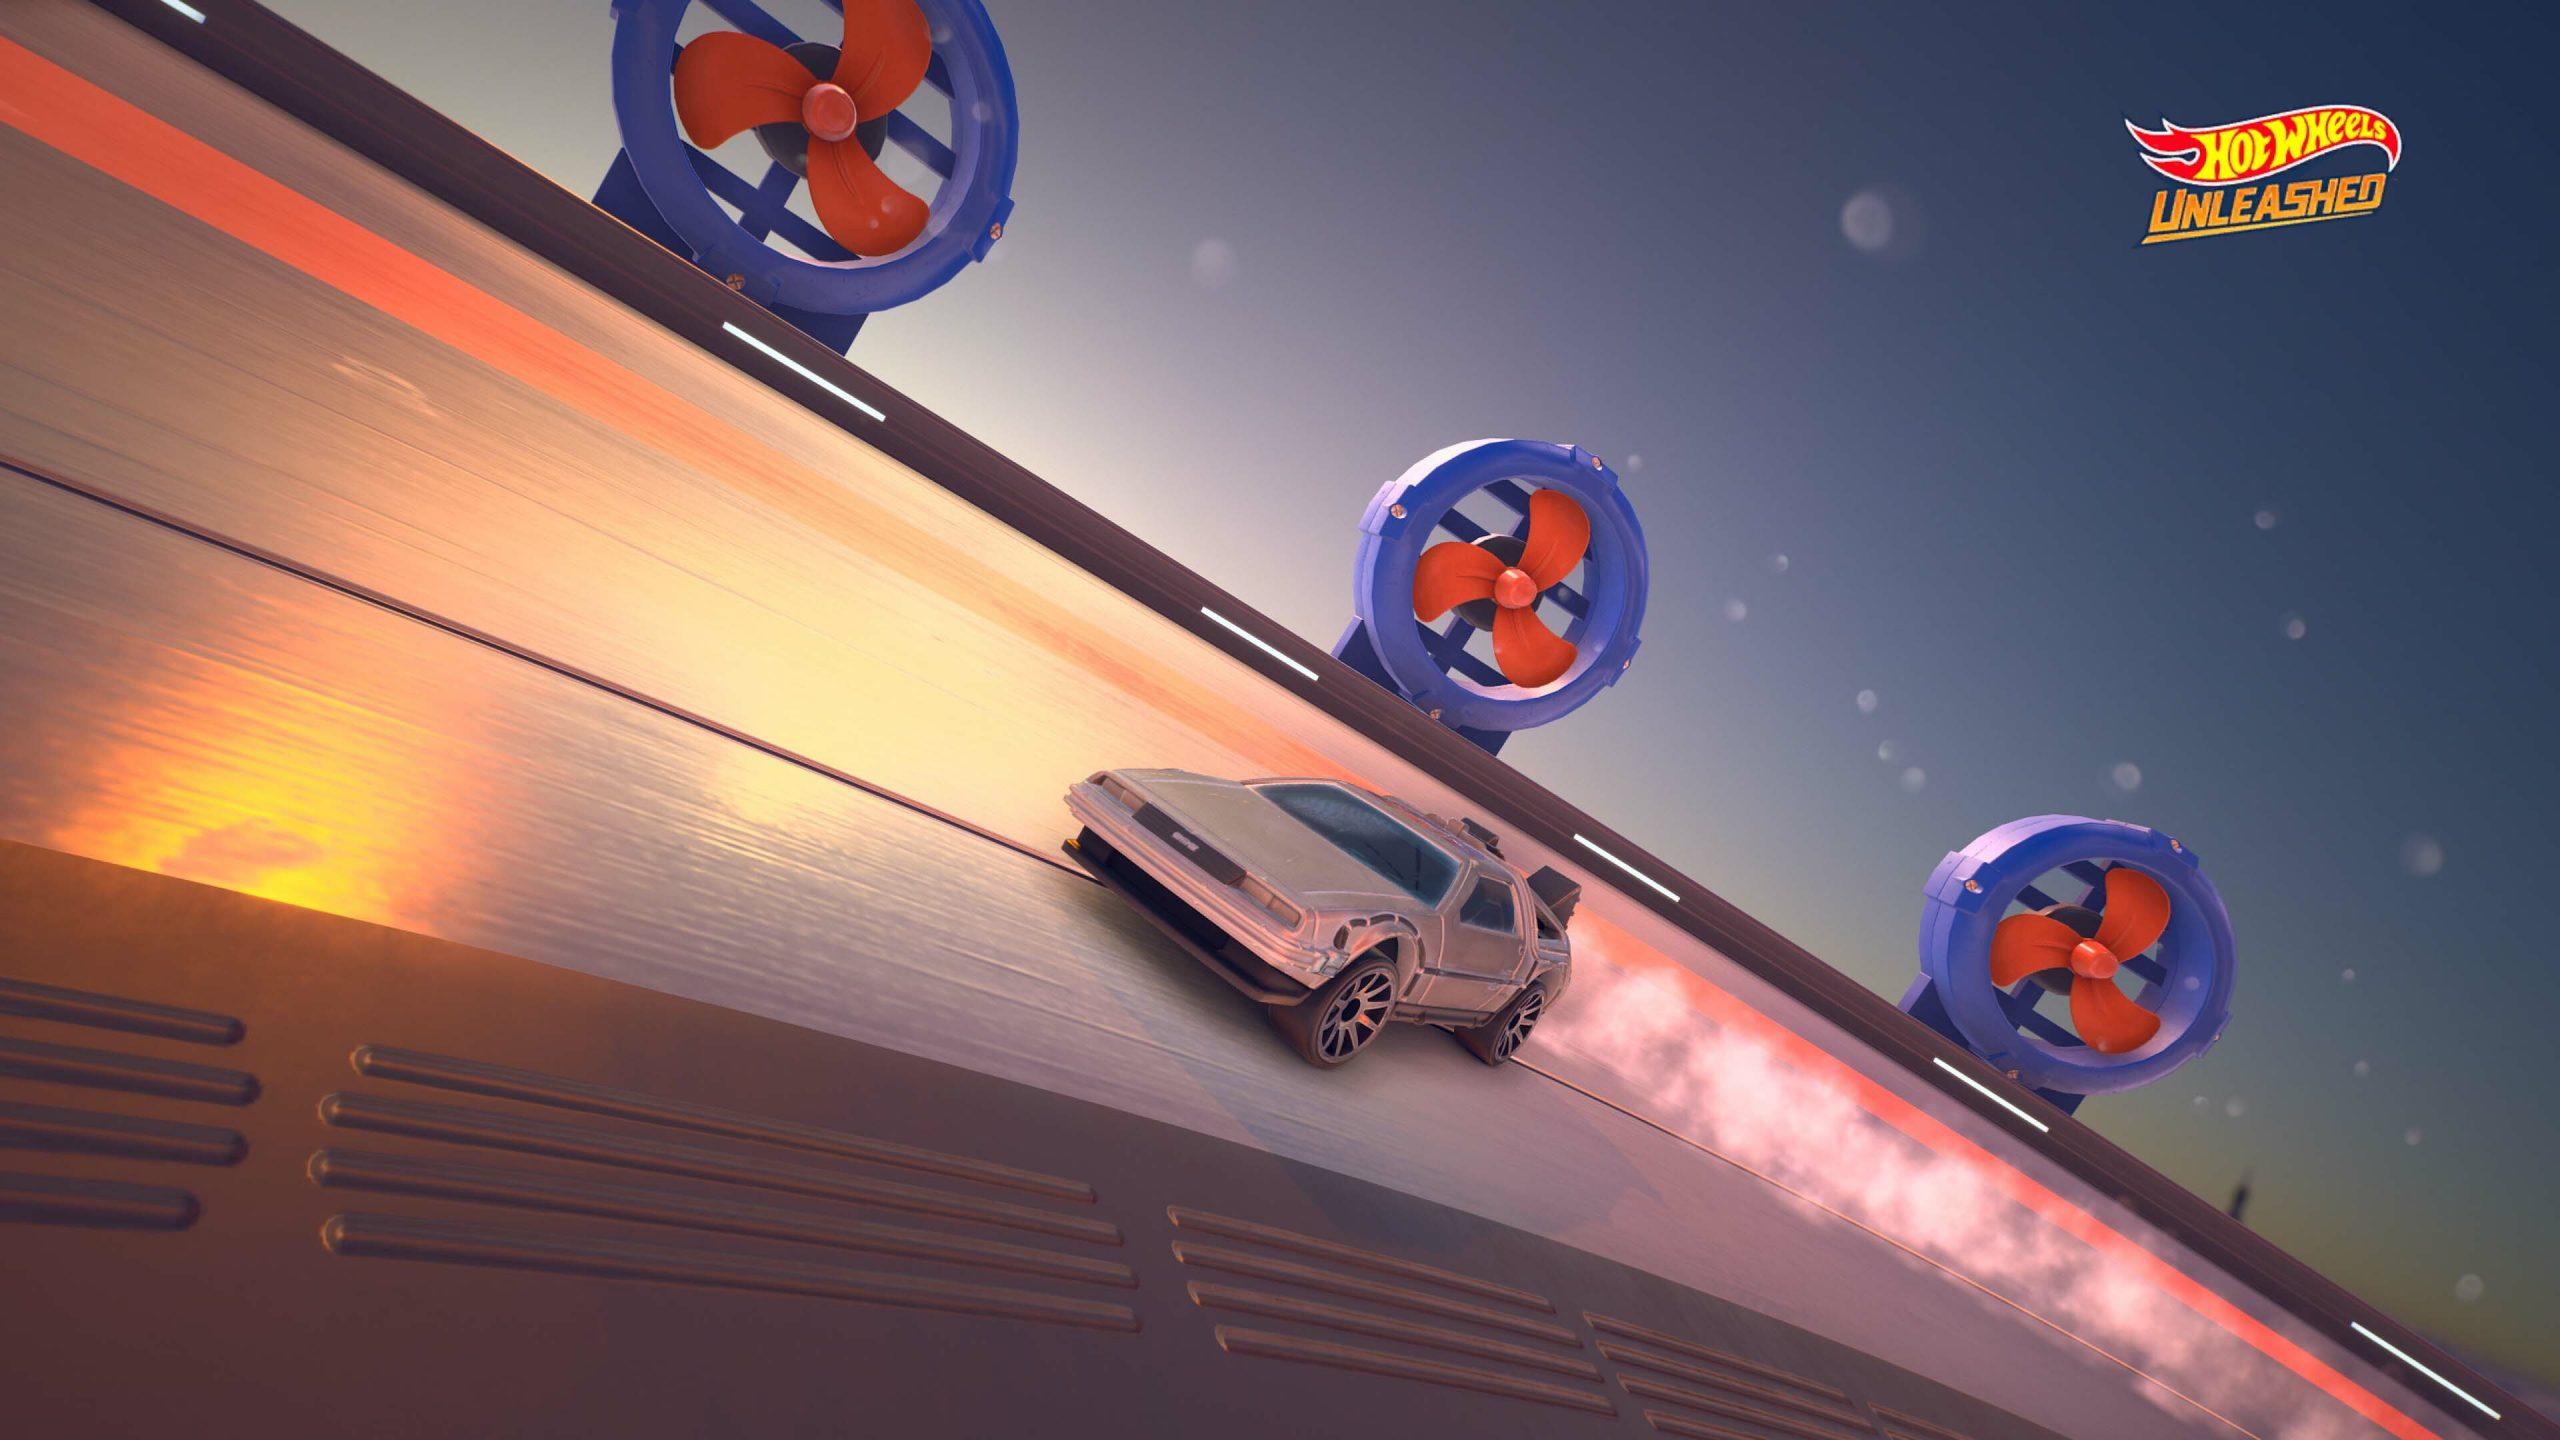 Hot Wheels Unleashed İnceleme - Toybox Drift